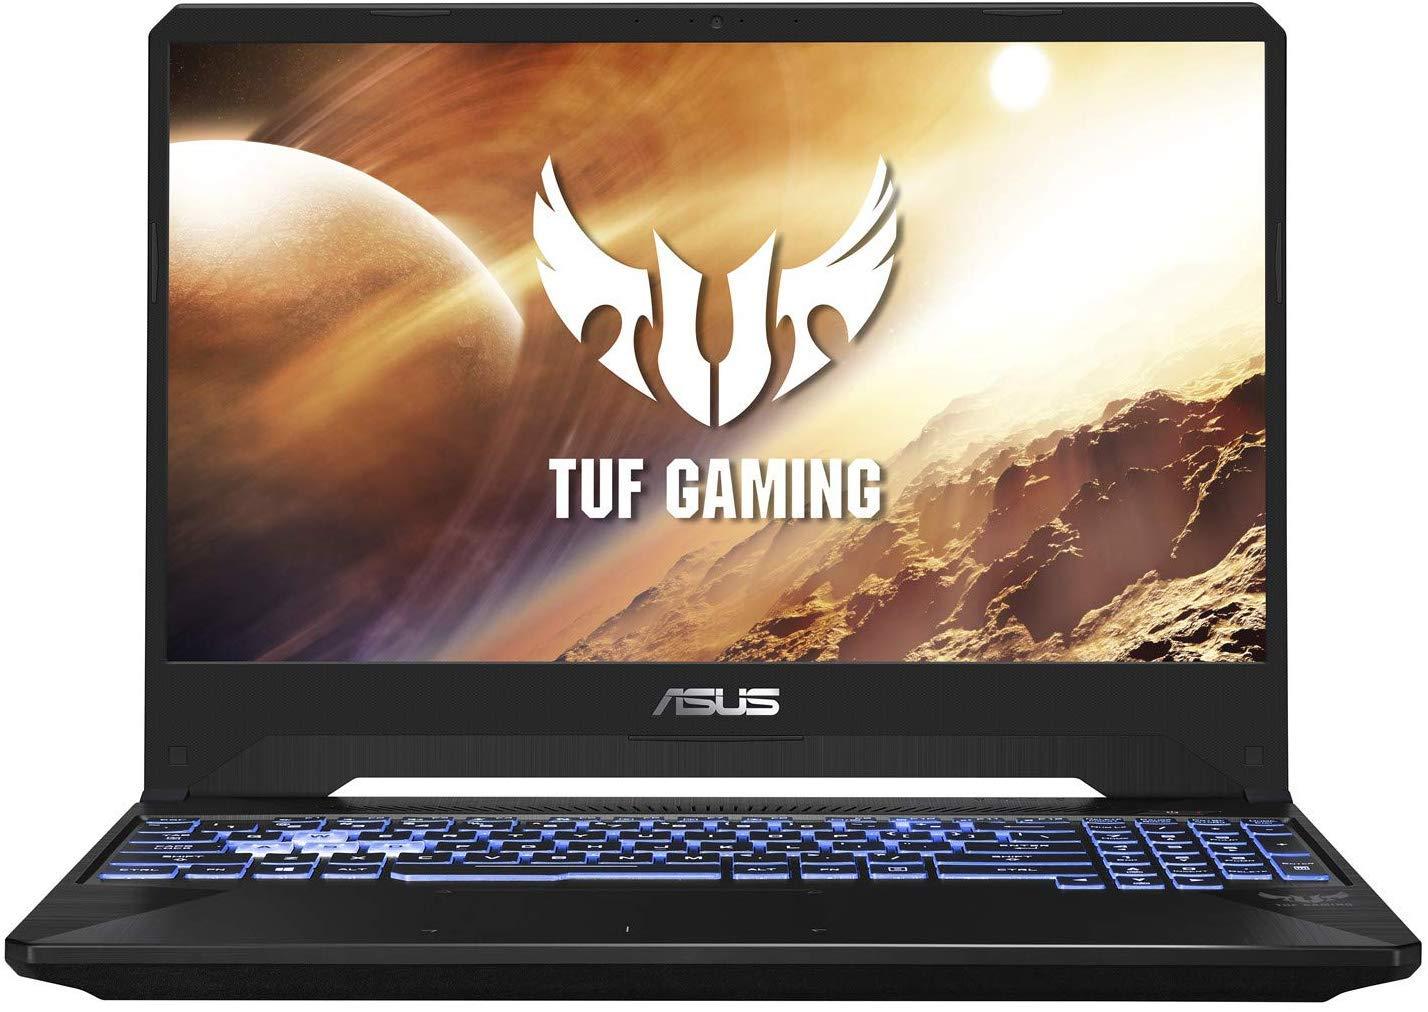 2019 EST TUF 15.6 FHD Gaming Laptop Computer, AMD Ryzen 7 3750H Quad-Core up to 4.0GHz, 8GB DDR4 RAM, 1TB HDD 256GB PCIe SSD, GeForce GTX 1660 Ti 6GB, 802.11ac WiFi, Bluetooth 4.2, Windows 10